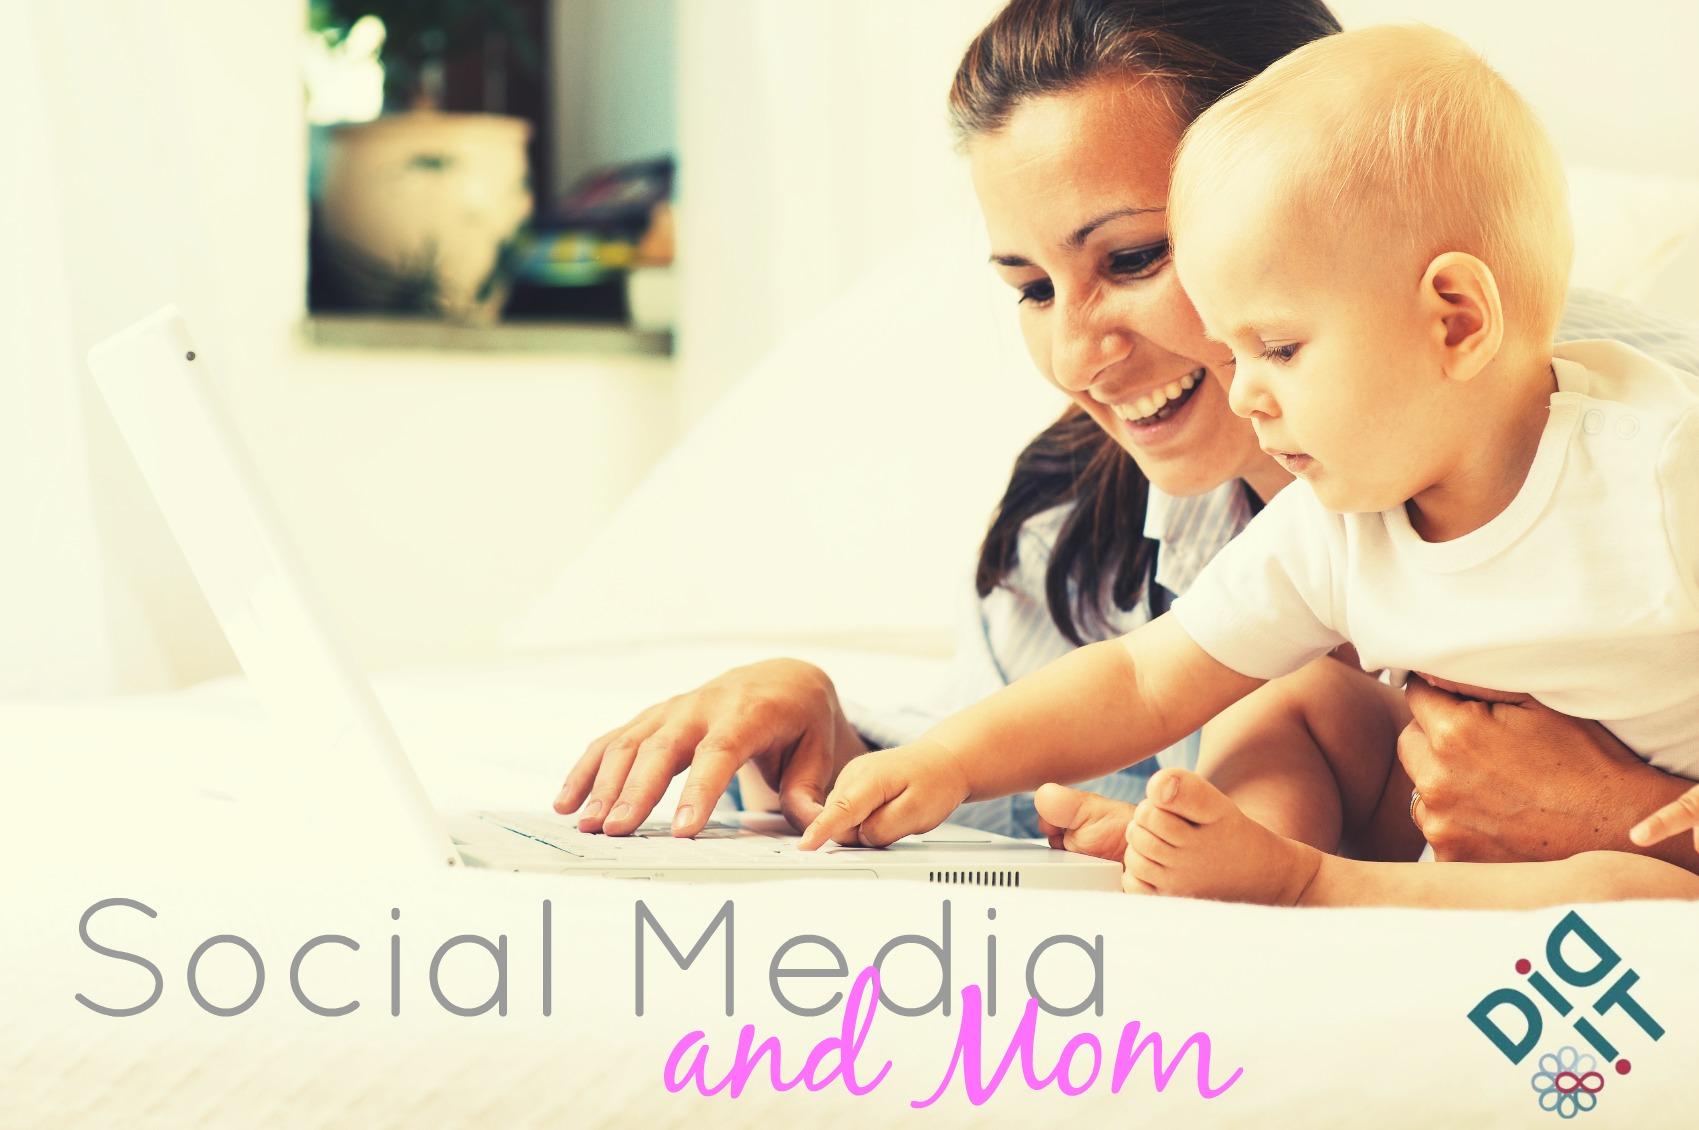 mom social media baby